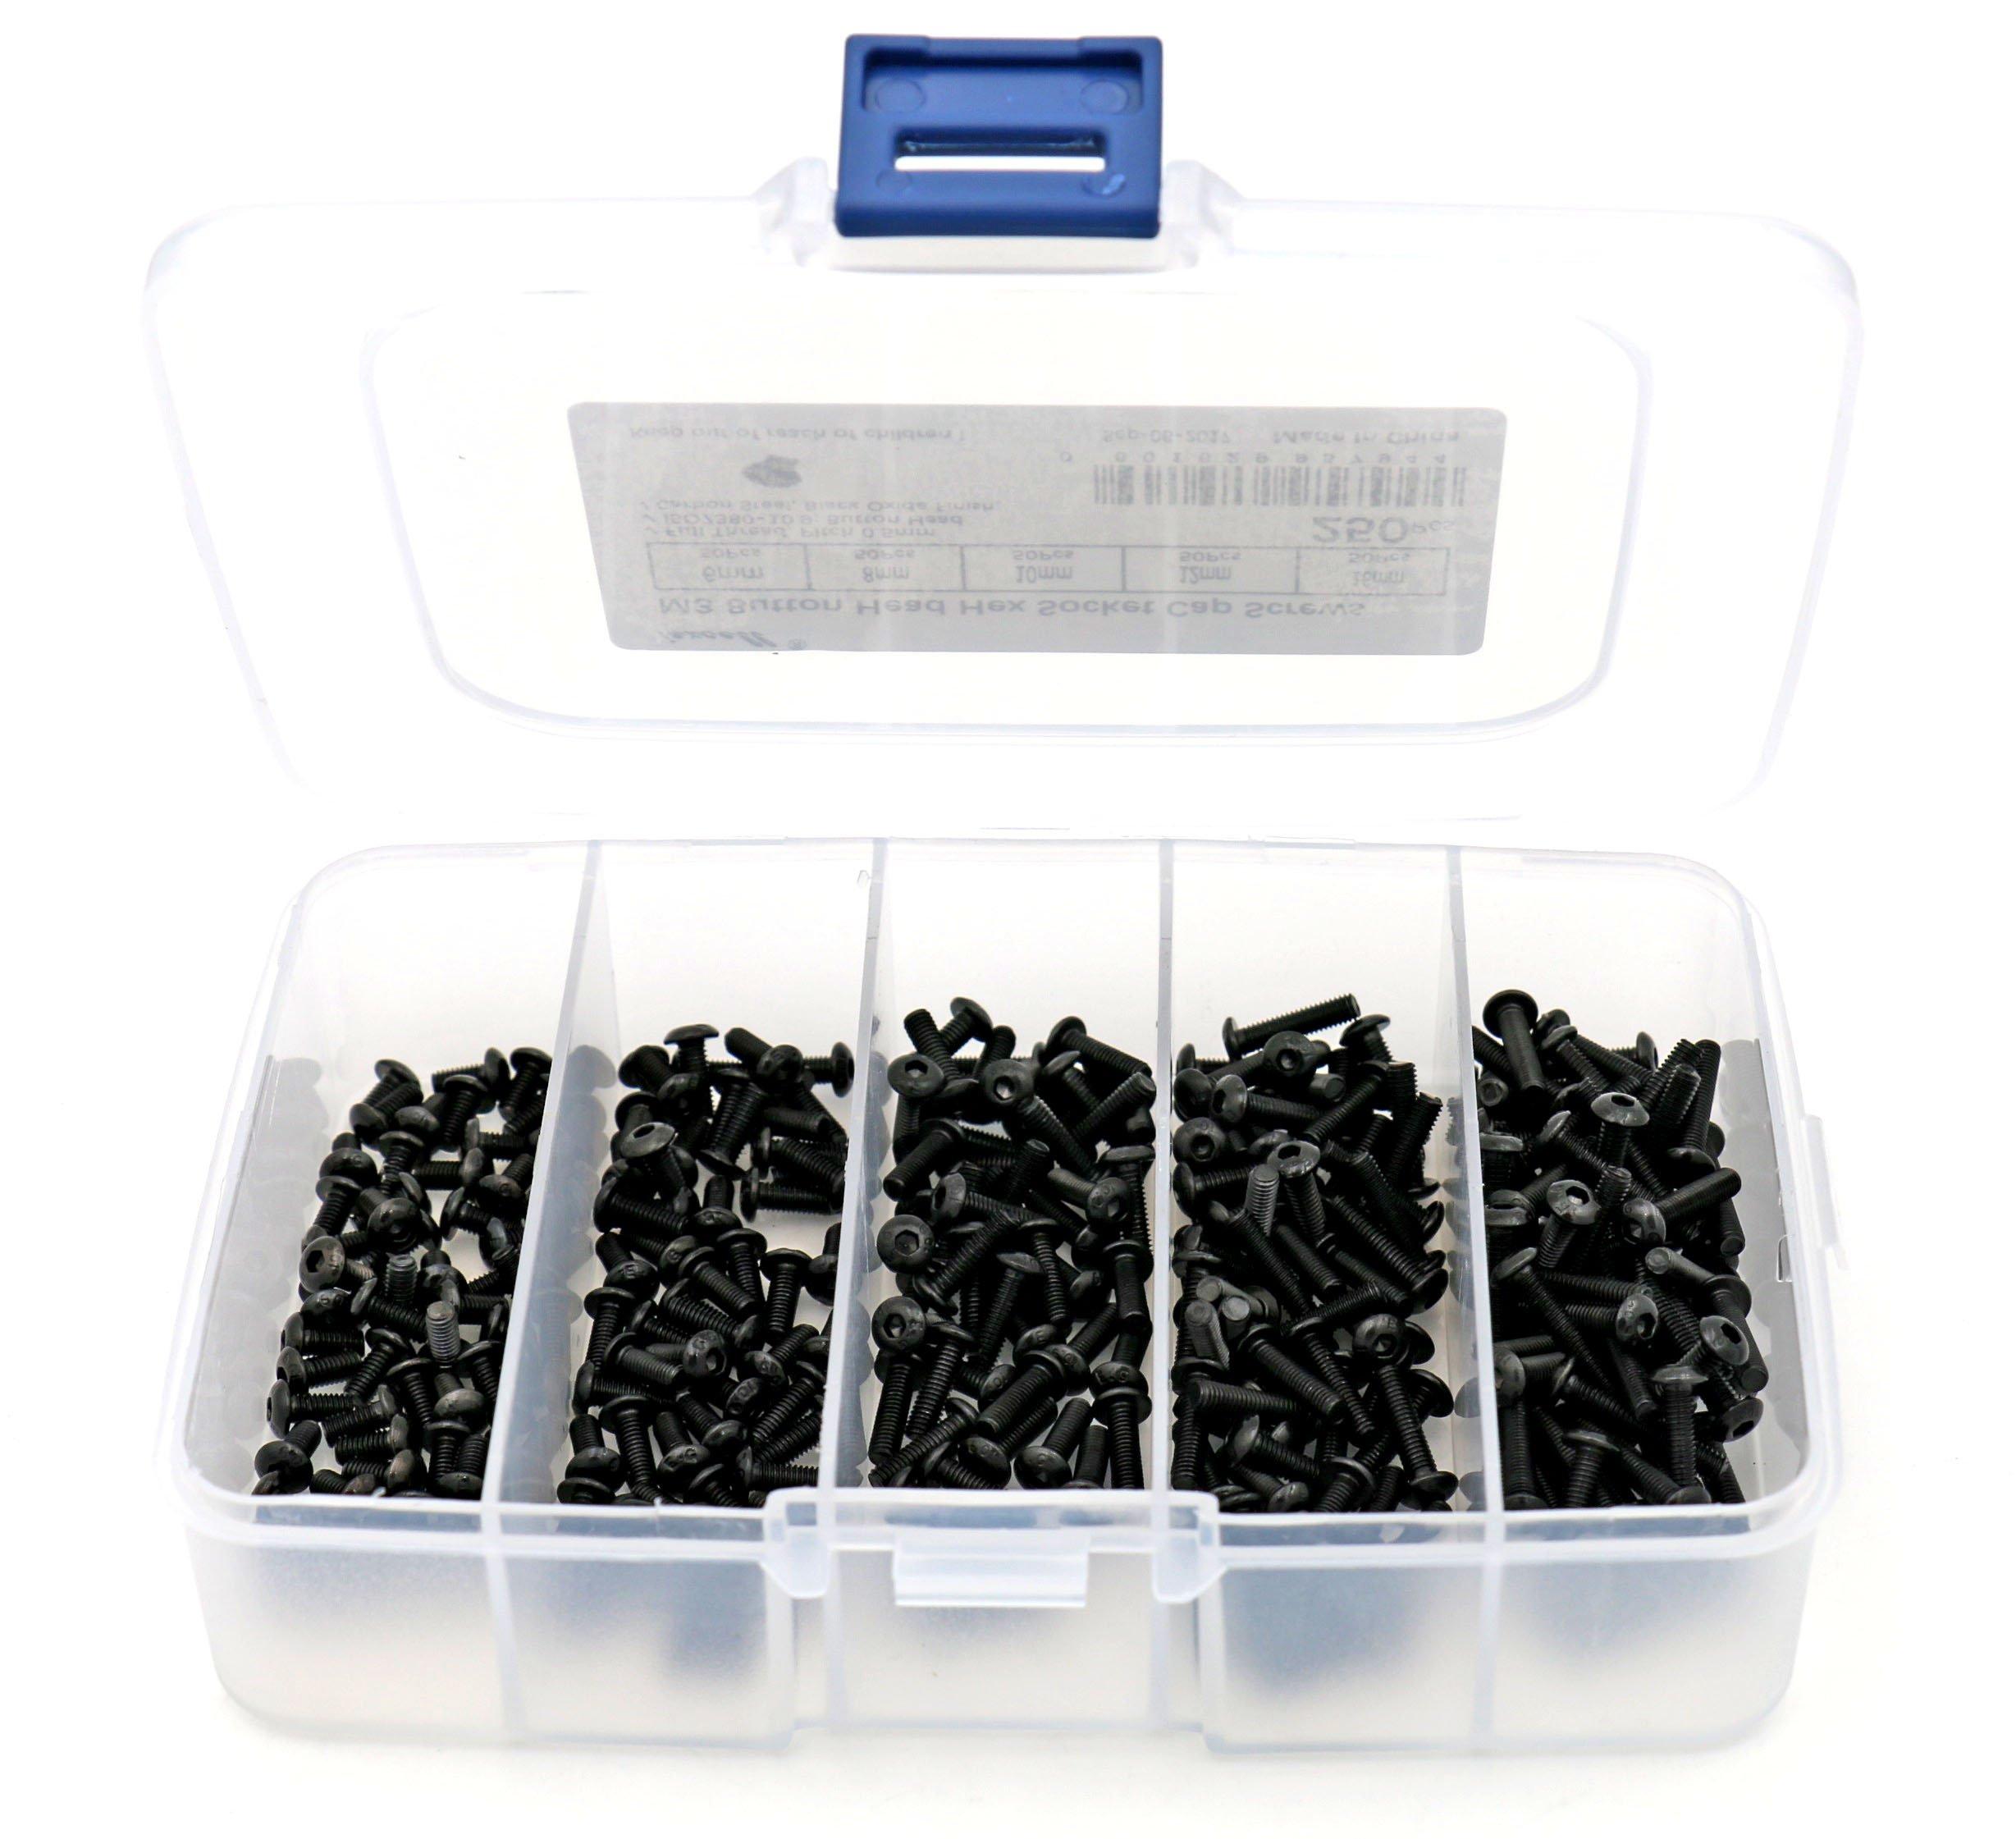 iExcell 250 Pcs M3 x 6mm/8mm/10mm/12mm/16mm Alloy Steel Internal Hex Drives Button Head Hex Socket Screws Kit, Black Oxide Finish